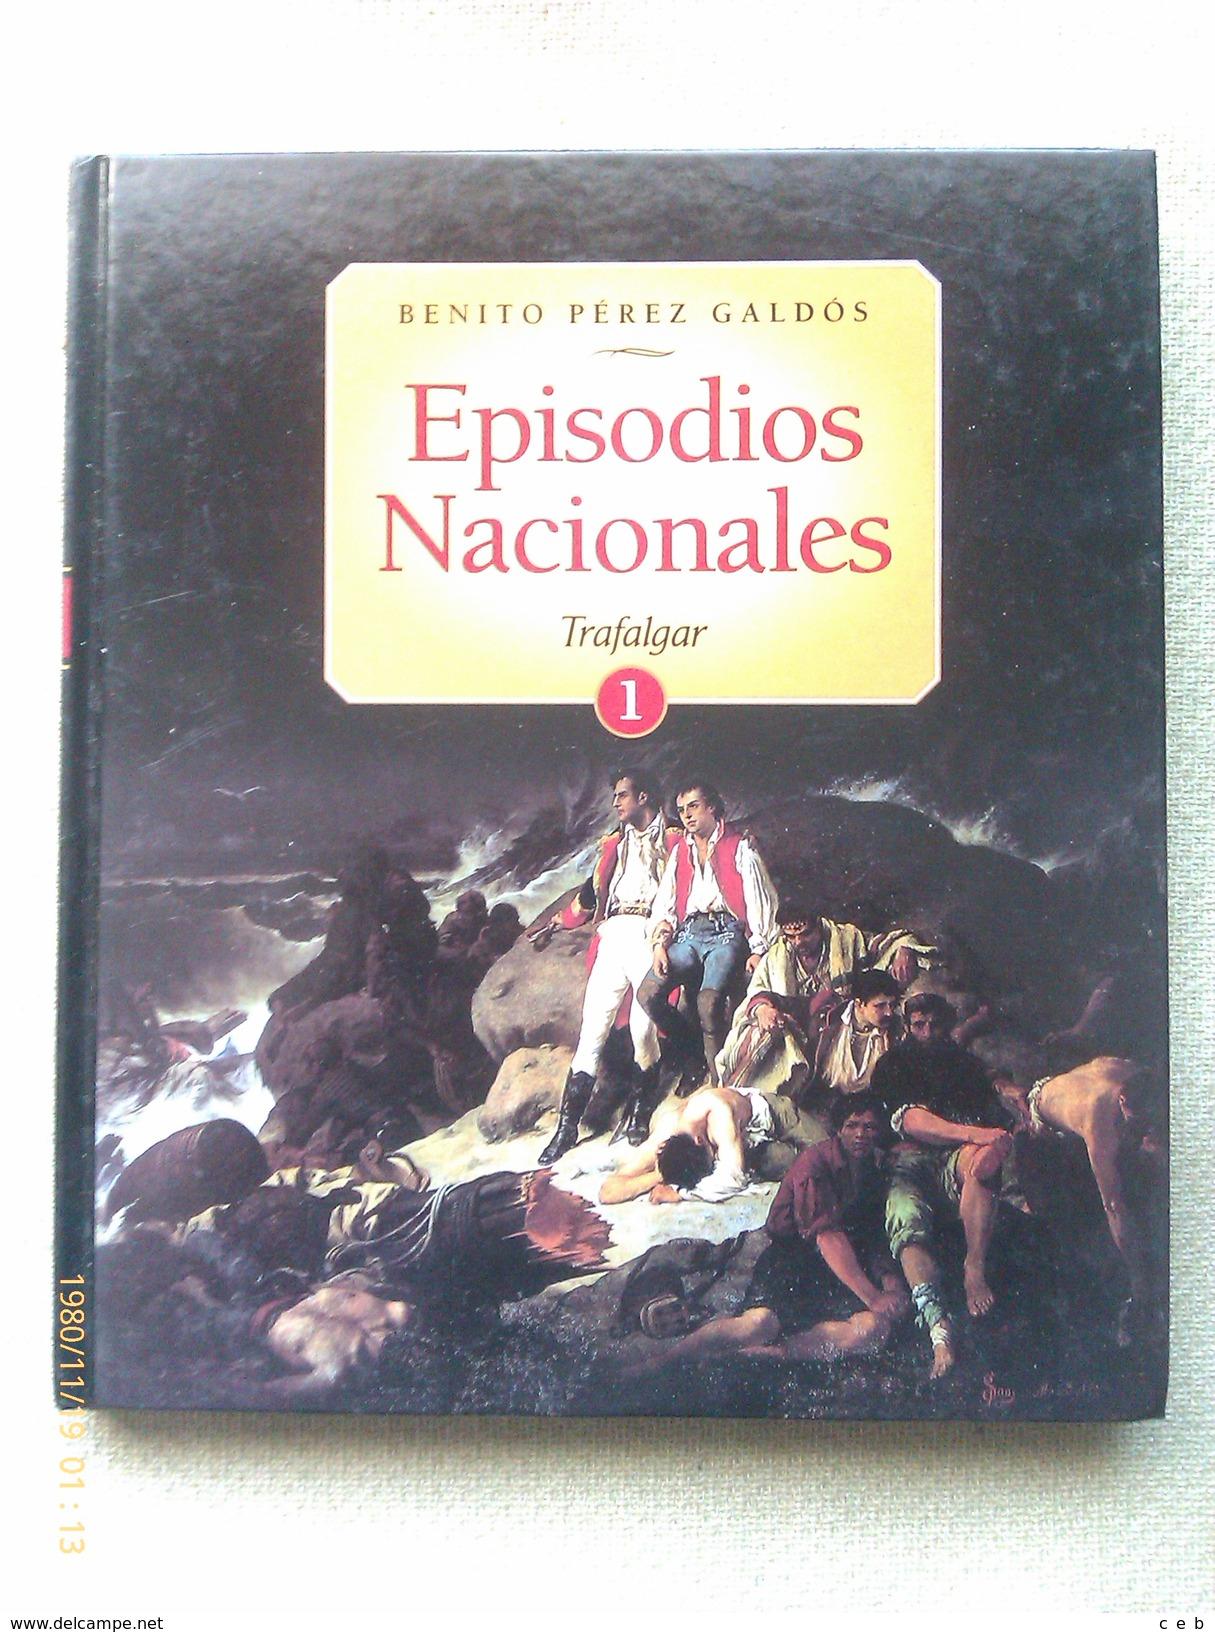 Libro: Episodios Nacionales Nº 1. Trafalgar. Benito Pérez Galdos. 2003. España - Español